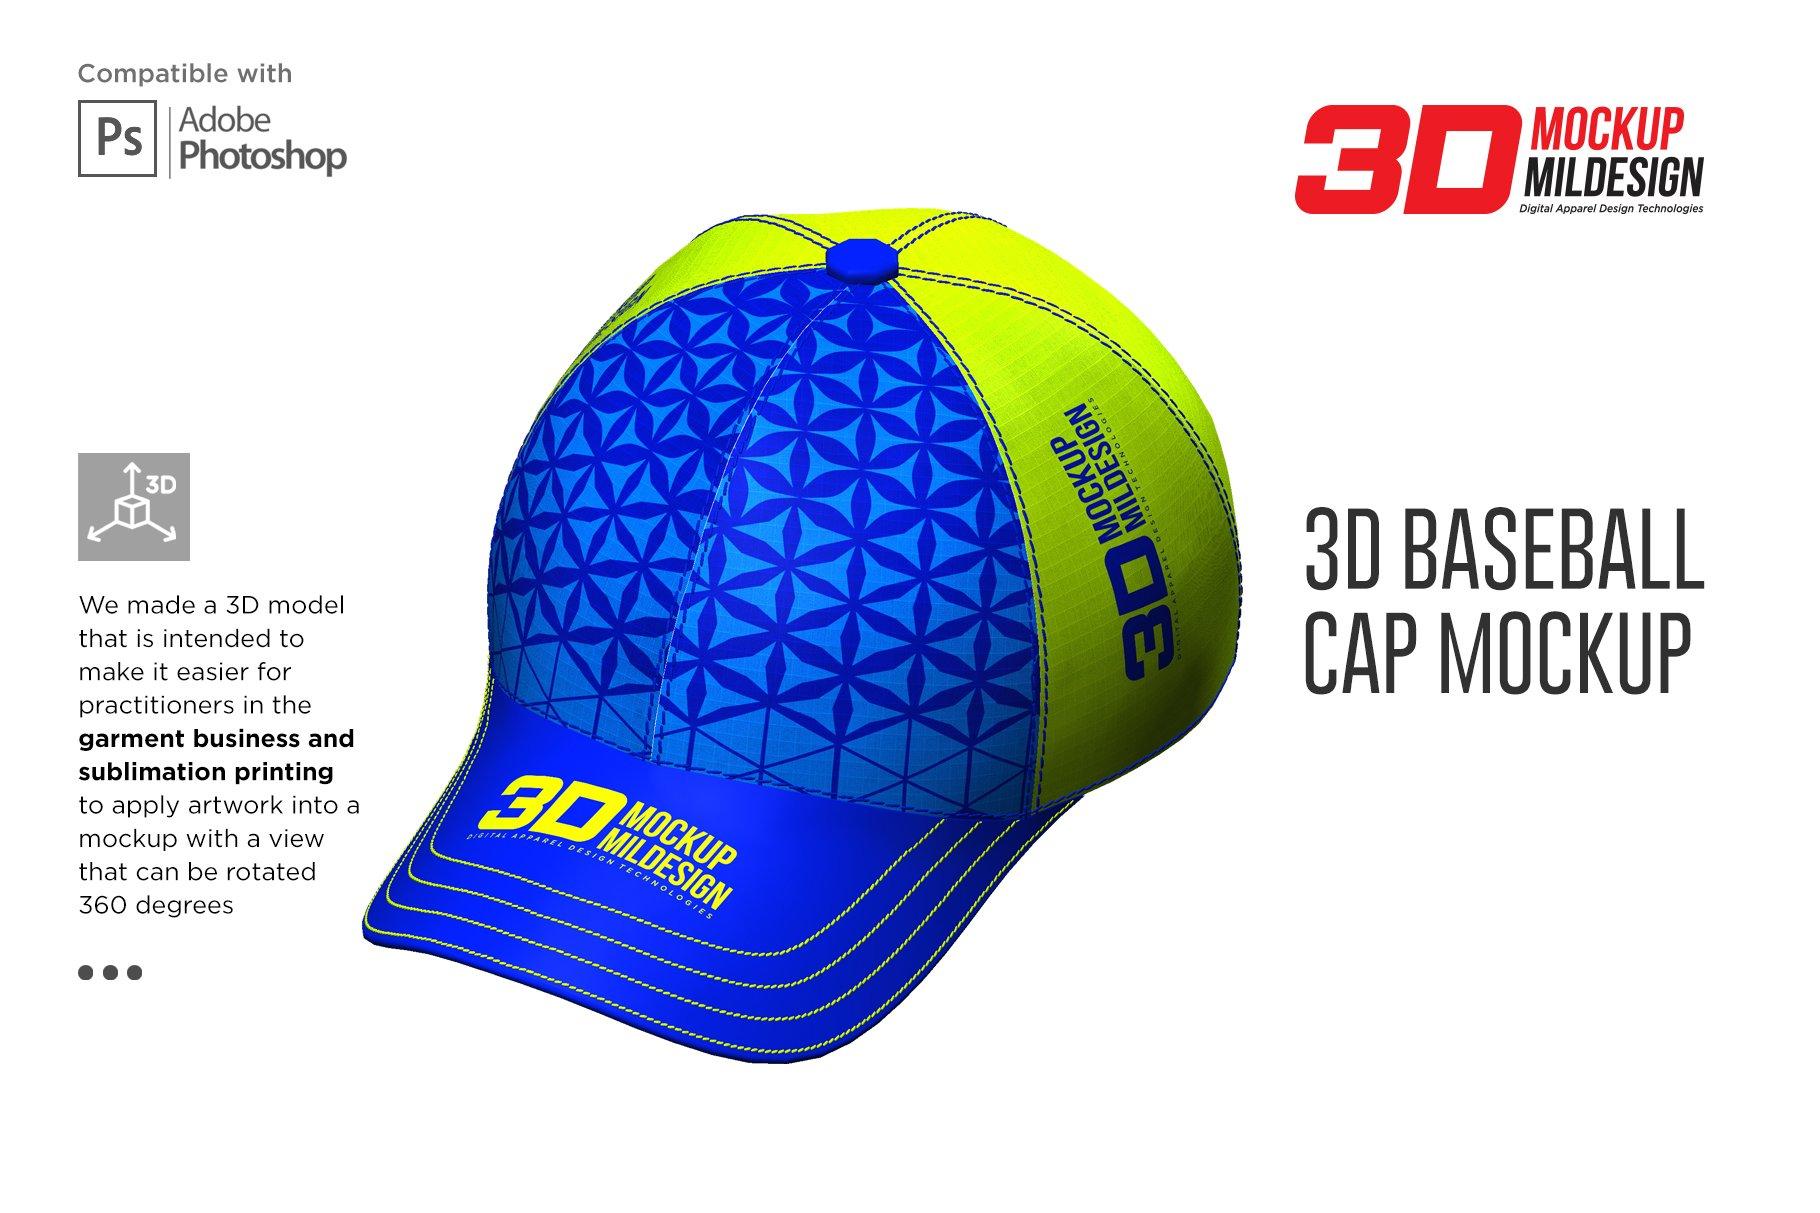 3D半球帽印花图案设计展示贴图样机模板 3D Baseball Cap Mockup插图